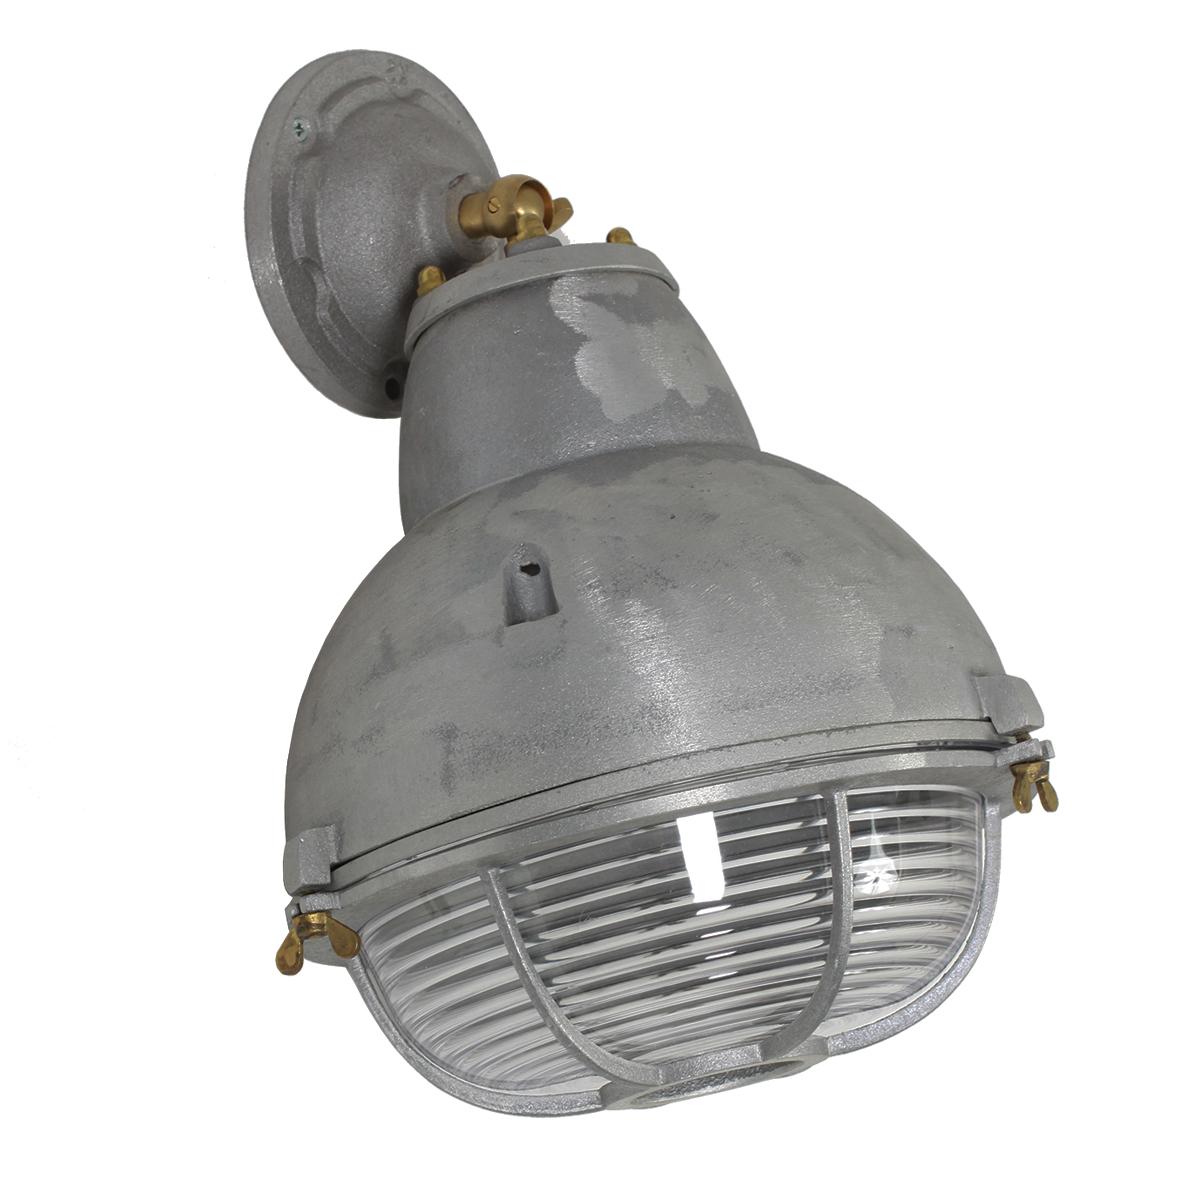 Verandalamp Navigator wand-/plafond (7049wand) - Nostalux - Industrieel